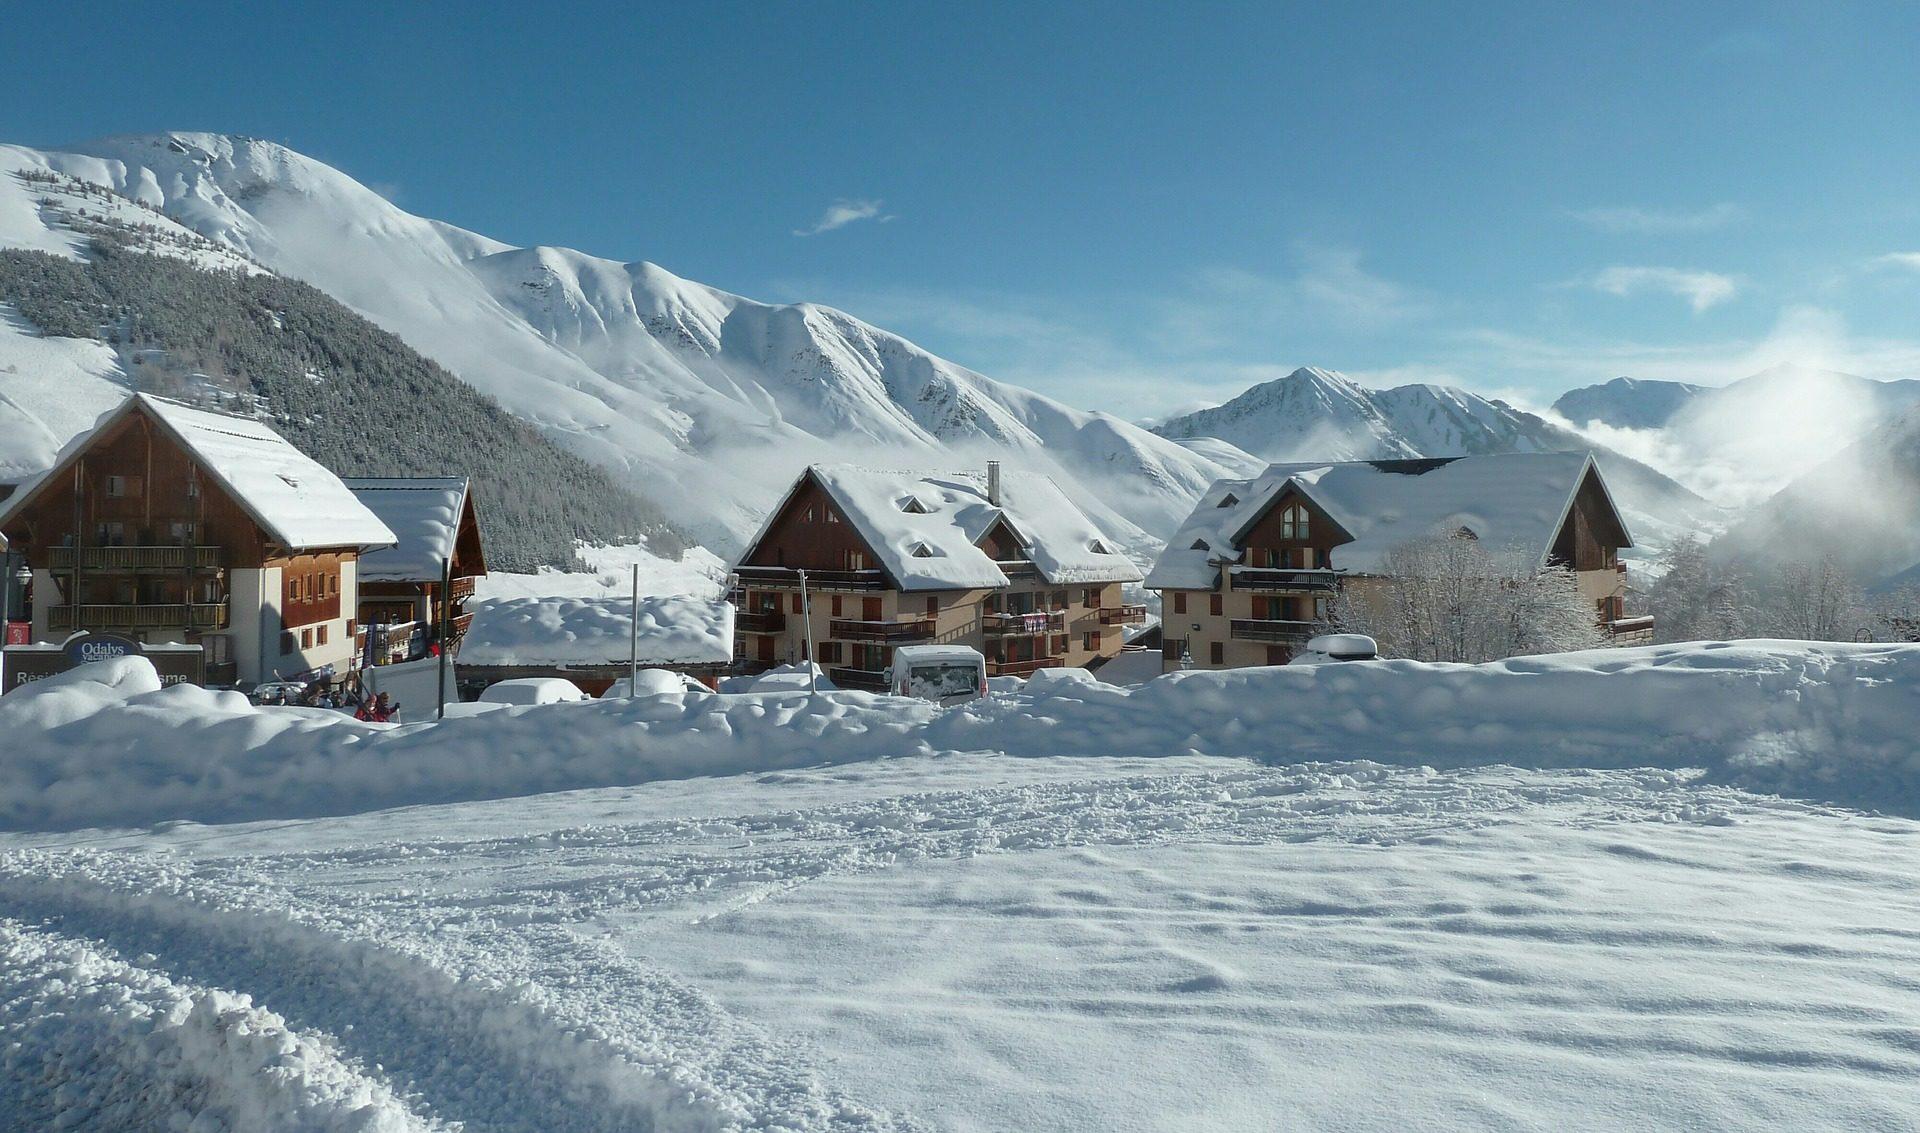 فيلا, pueblo, قرية, نيفادا, الثلج, فصل الشتاء, الجبال, سانت سورلين هذا من - خلفيات عالية الدقة - أستاذ falken.com